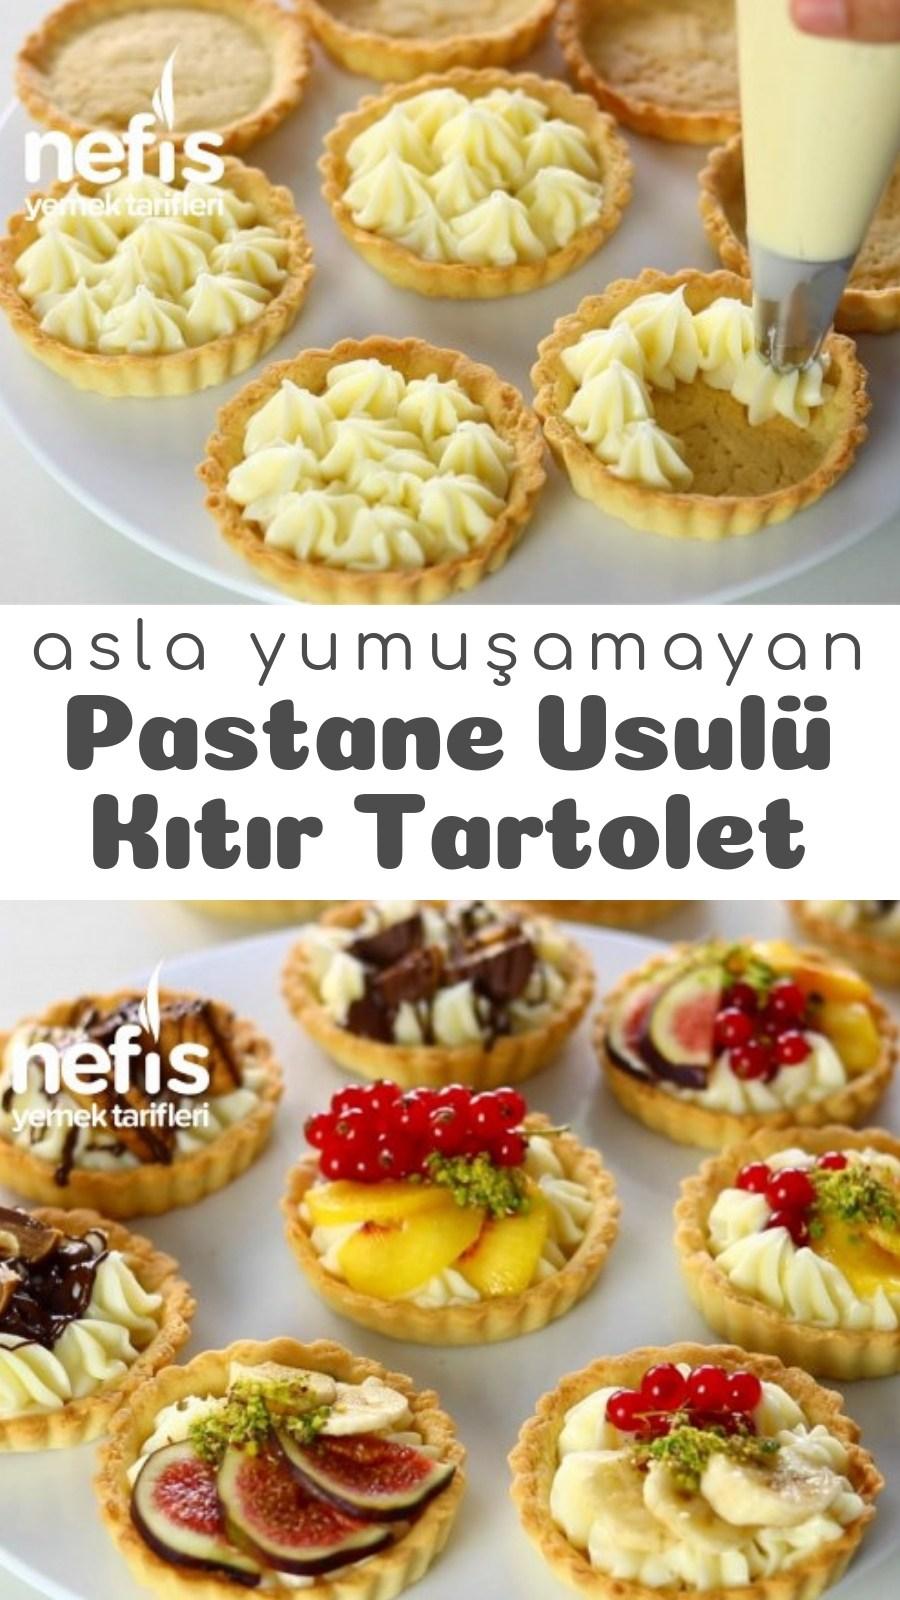 Pastane Usulü Kıtır Tartolet Asla Yumuşamıyor Videolu Tarifi nasıl yapılır 8010 kişinin defterindeki bu tarifin resimli anlatımı ve deneyenlerin fotoğrafları burada...